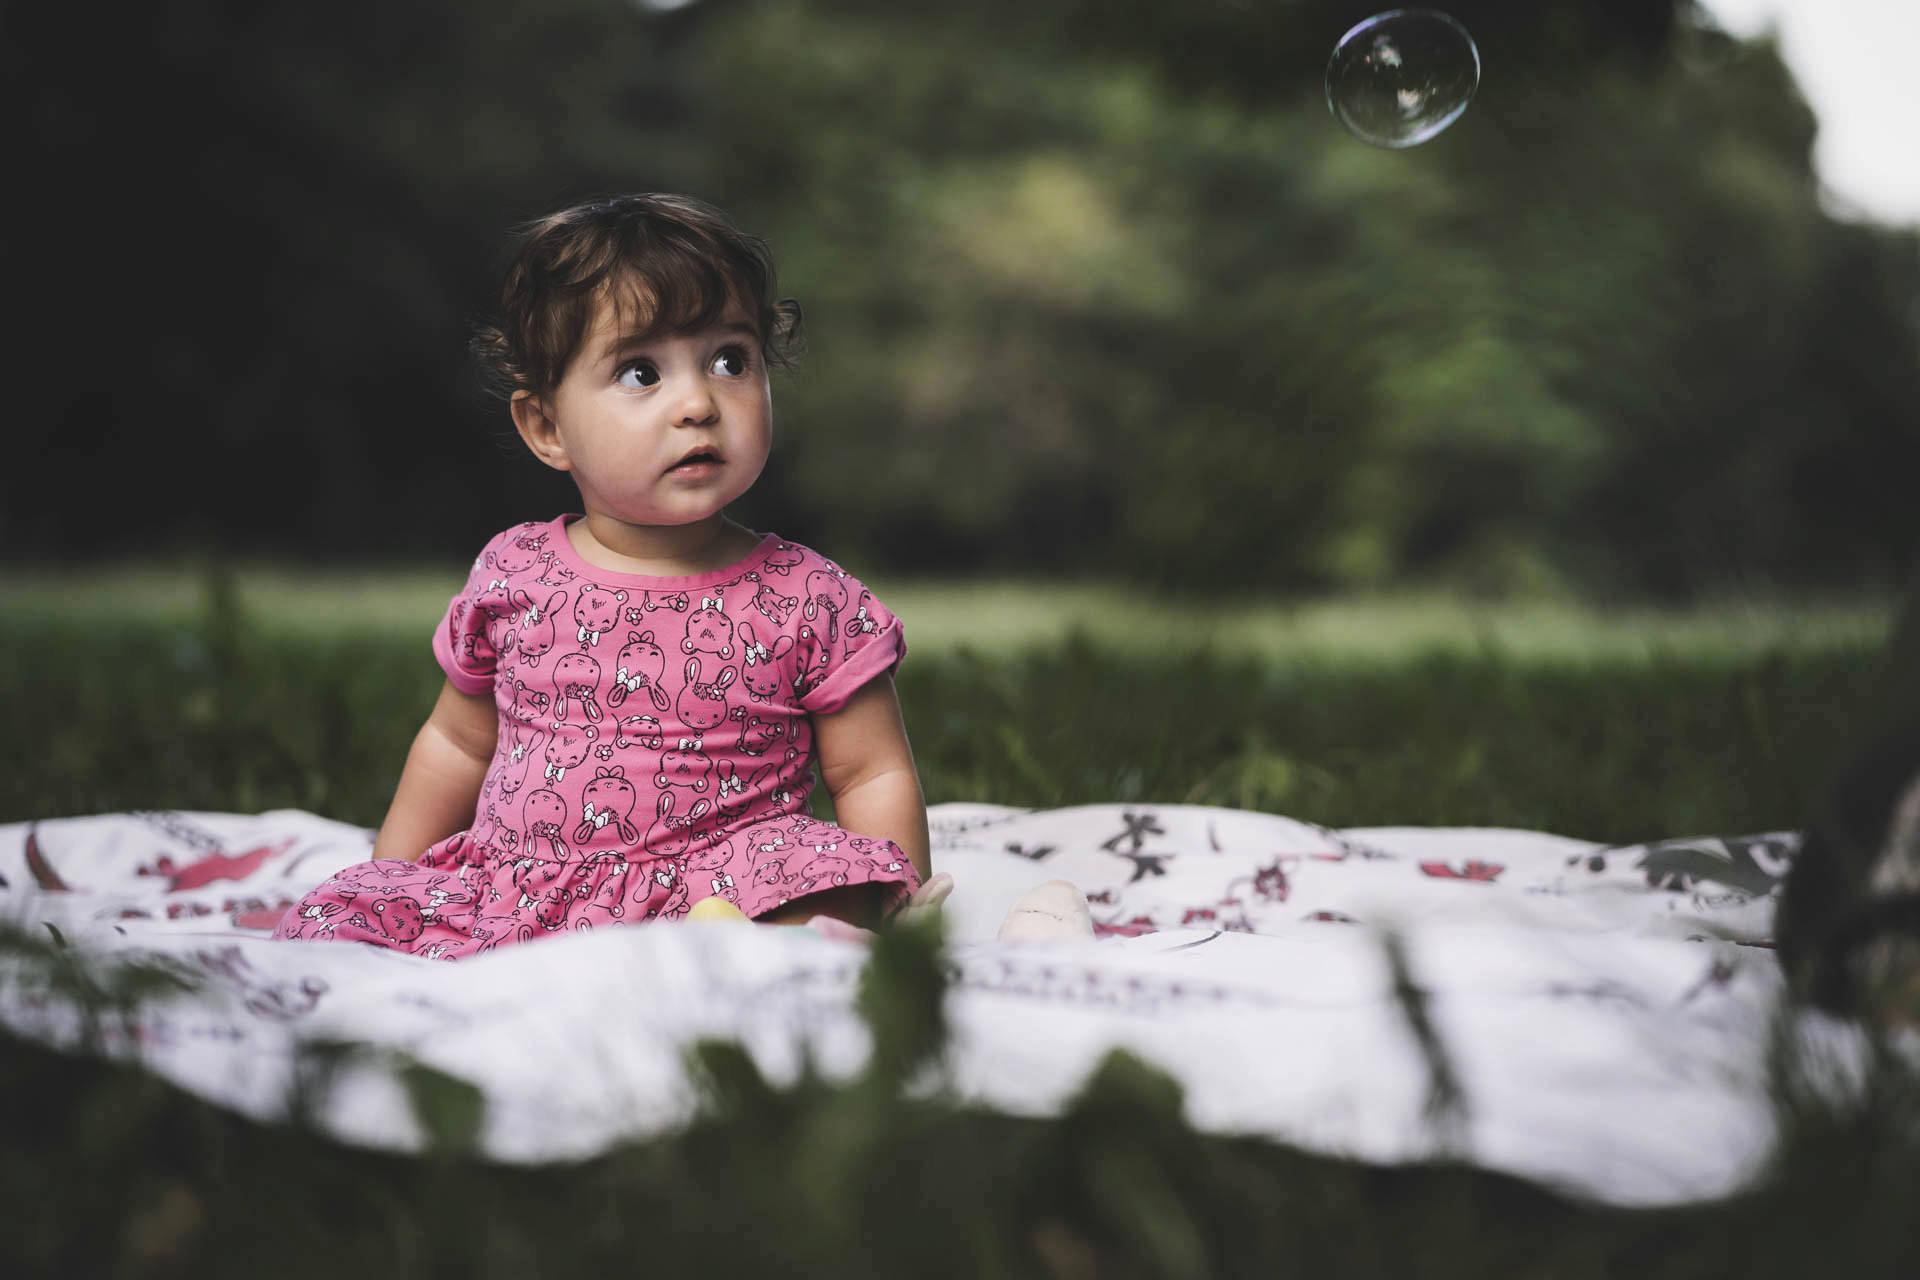 Servizio Fotografico Bambini e Famiglia a Venezia, Veneto. Ecco la piccola Greta. Michelino Studio, fotografo professionista per neonati, bambini e famiglia in Veneto. 005